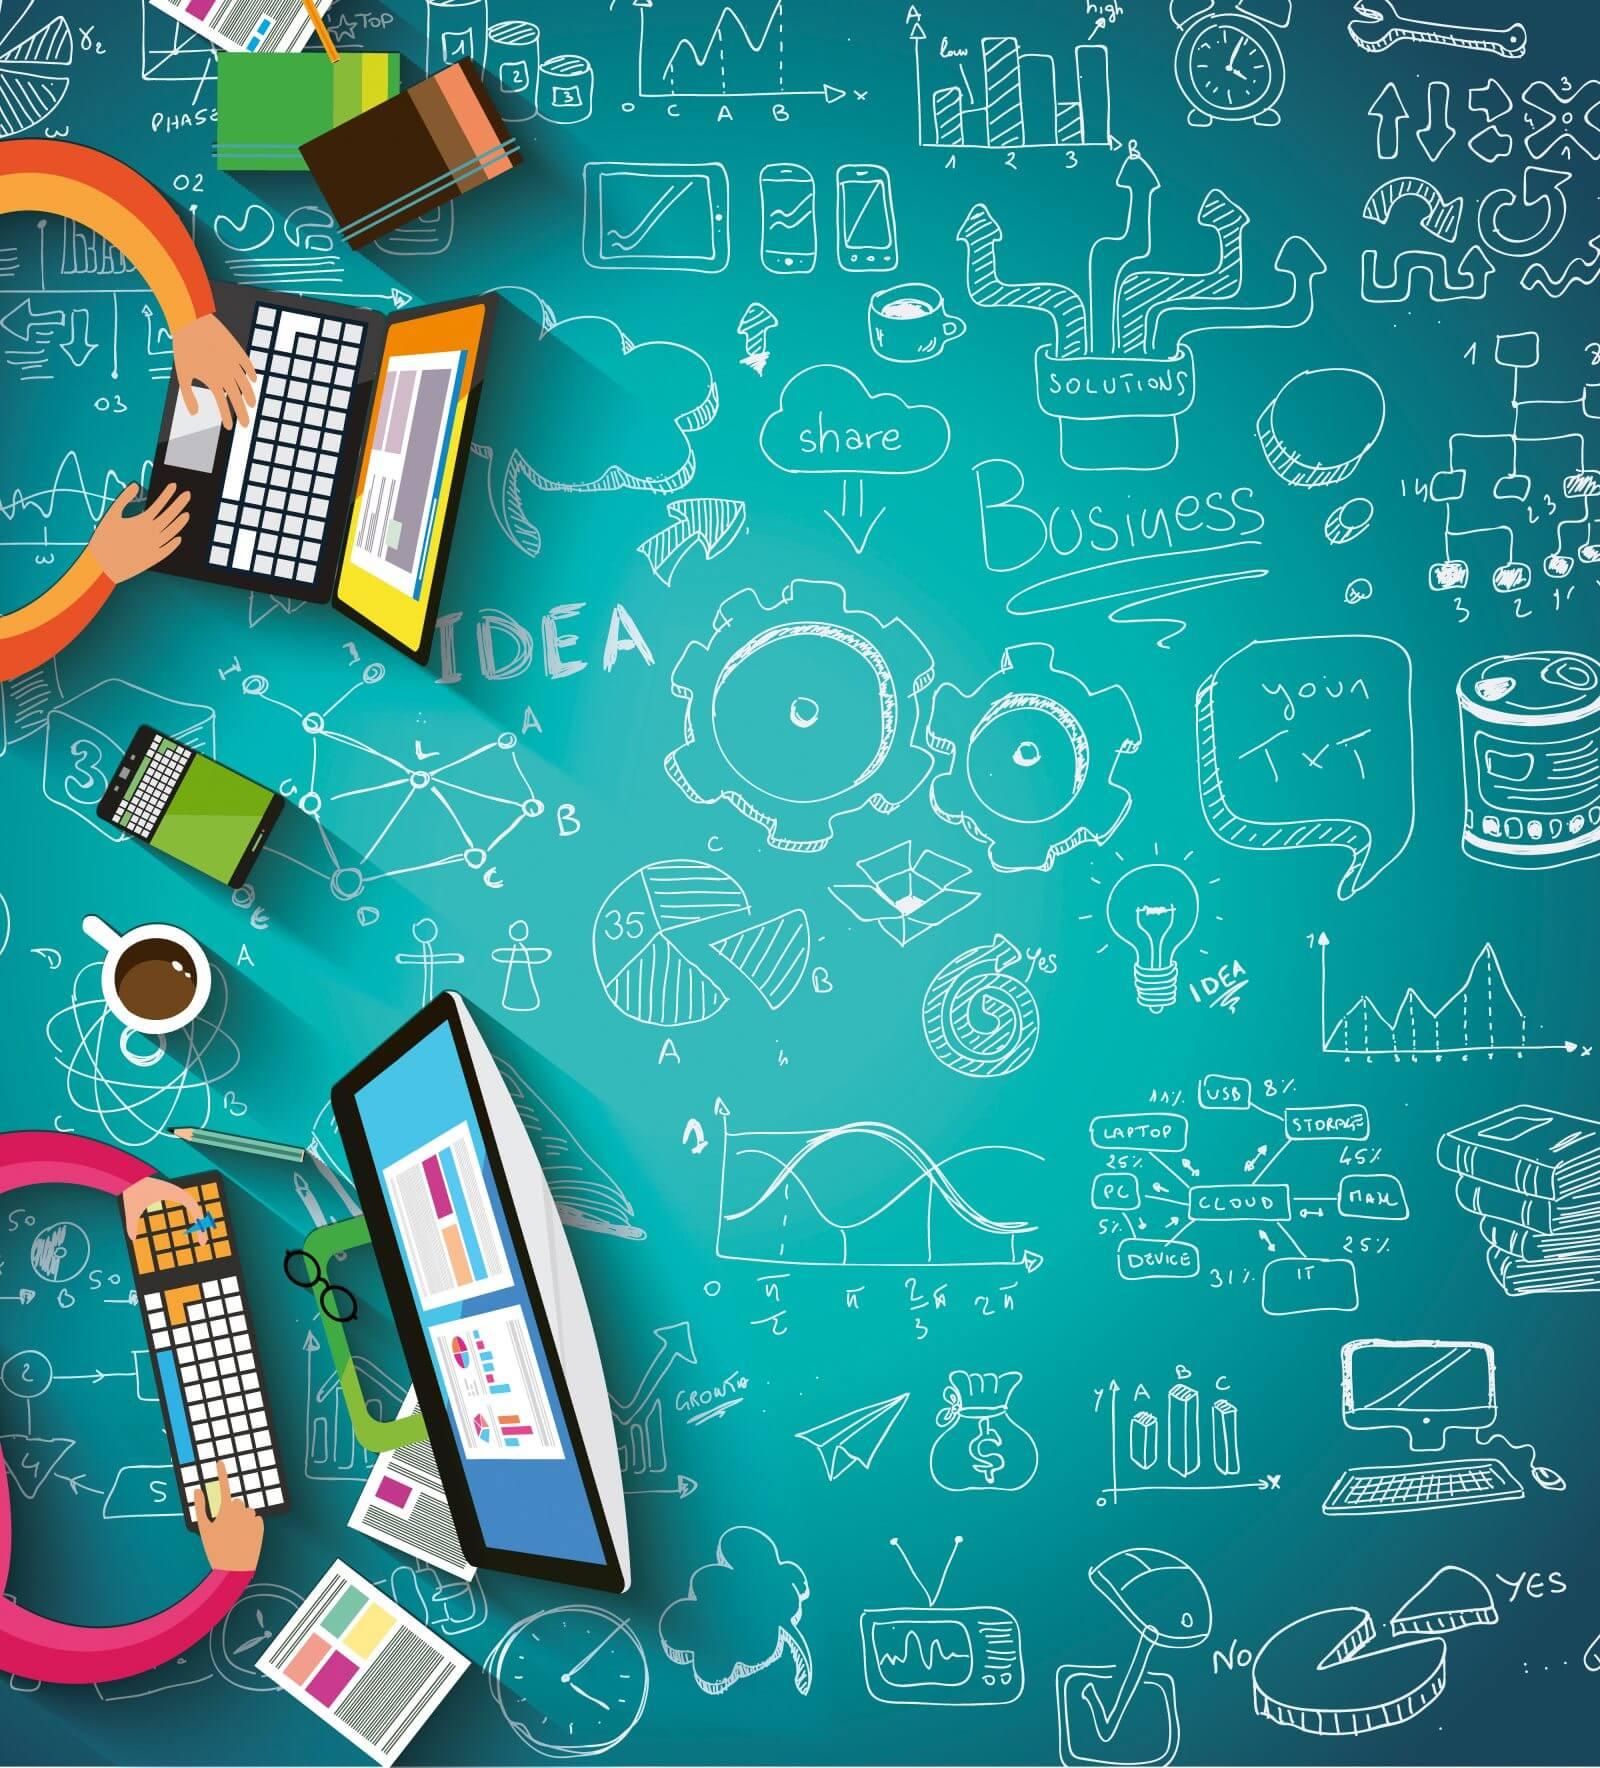 IT-Freelancer aufgepasst! Beherrschen Sie diese 5 Skills?